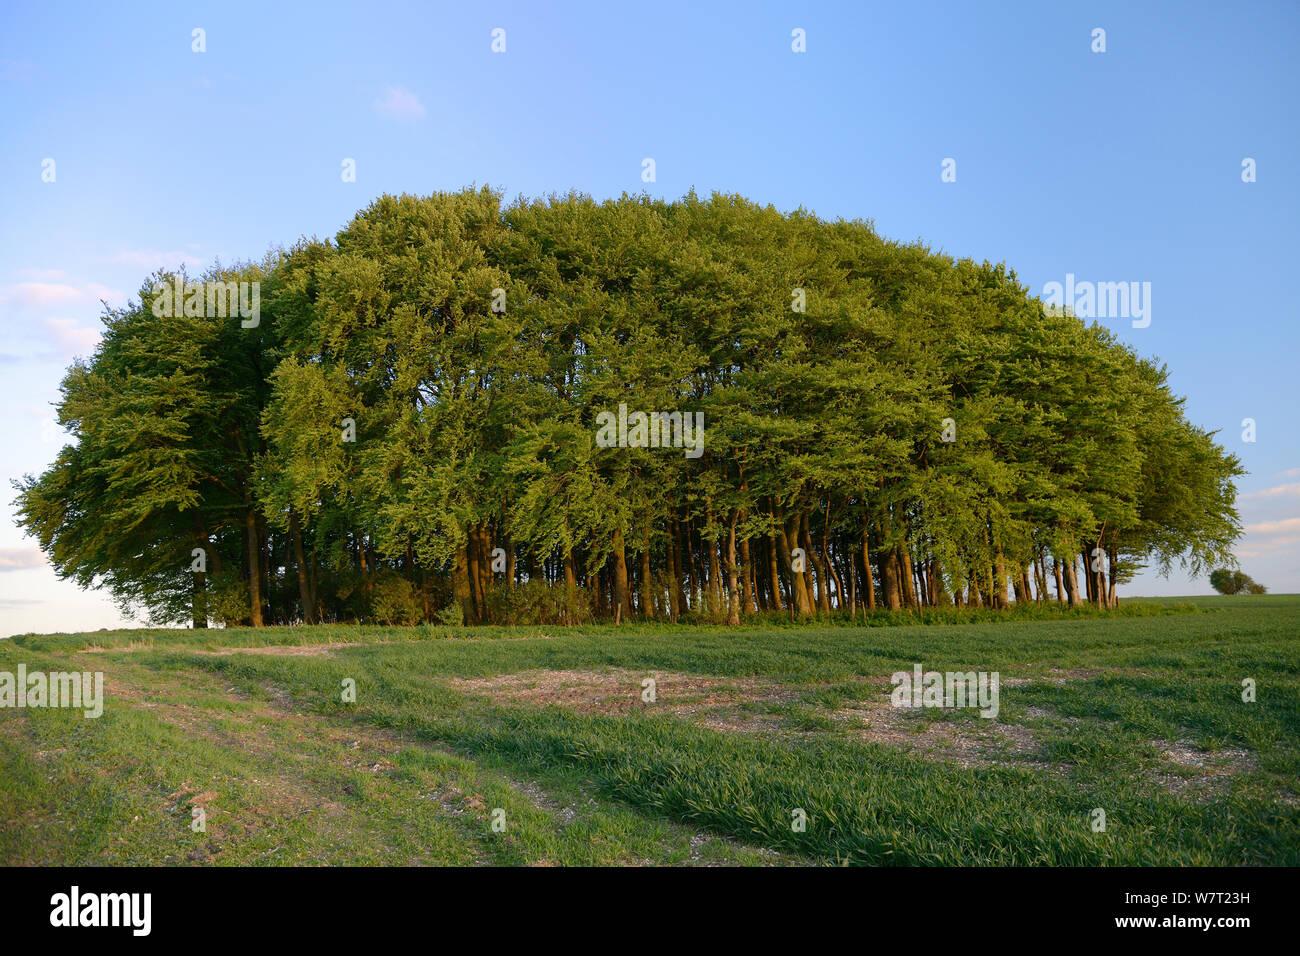 Racimos de hayedo (Fagus sylvatica) y campo de labranza en el Ridgeway, antigua pista y ruta de larga distancia, a la luz del atardecer, Marlborough Downs, Wiltshire, REINO UNIDO, Mayo. Foto de stock